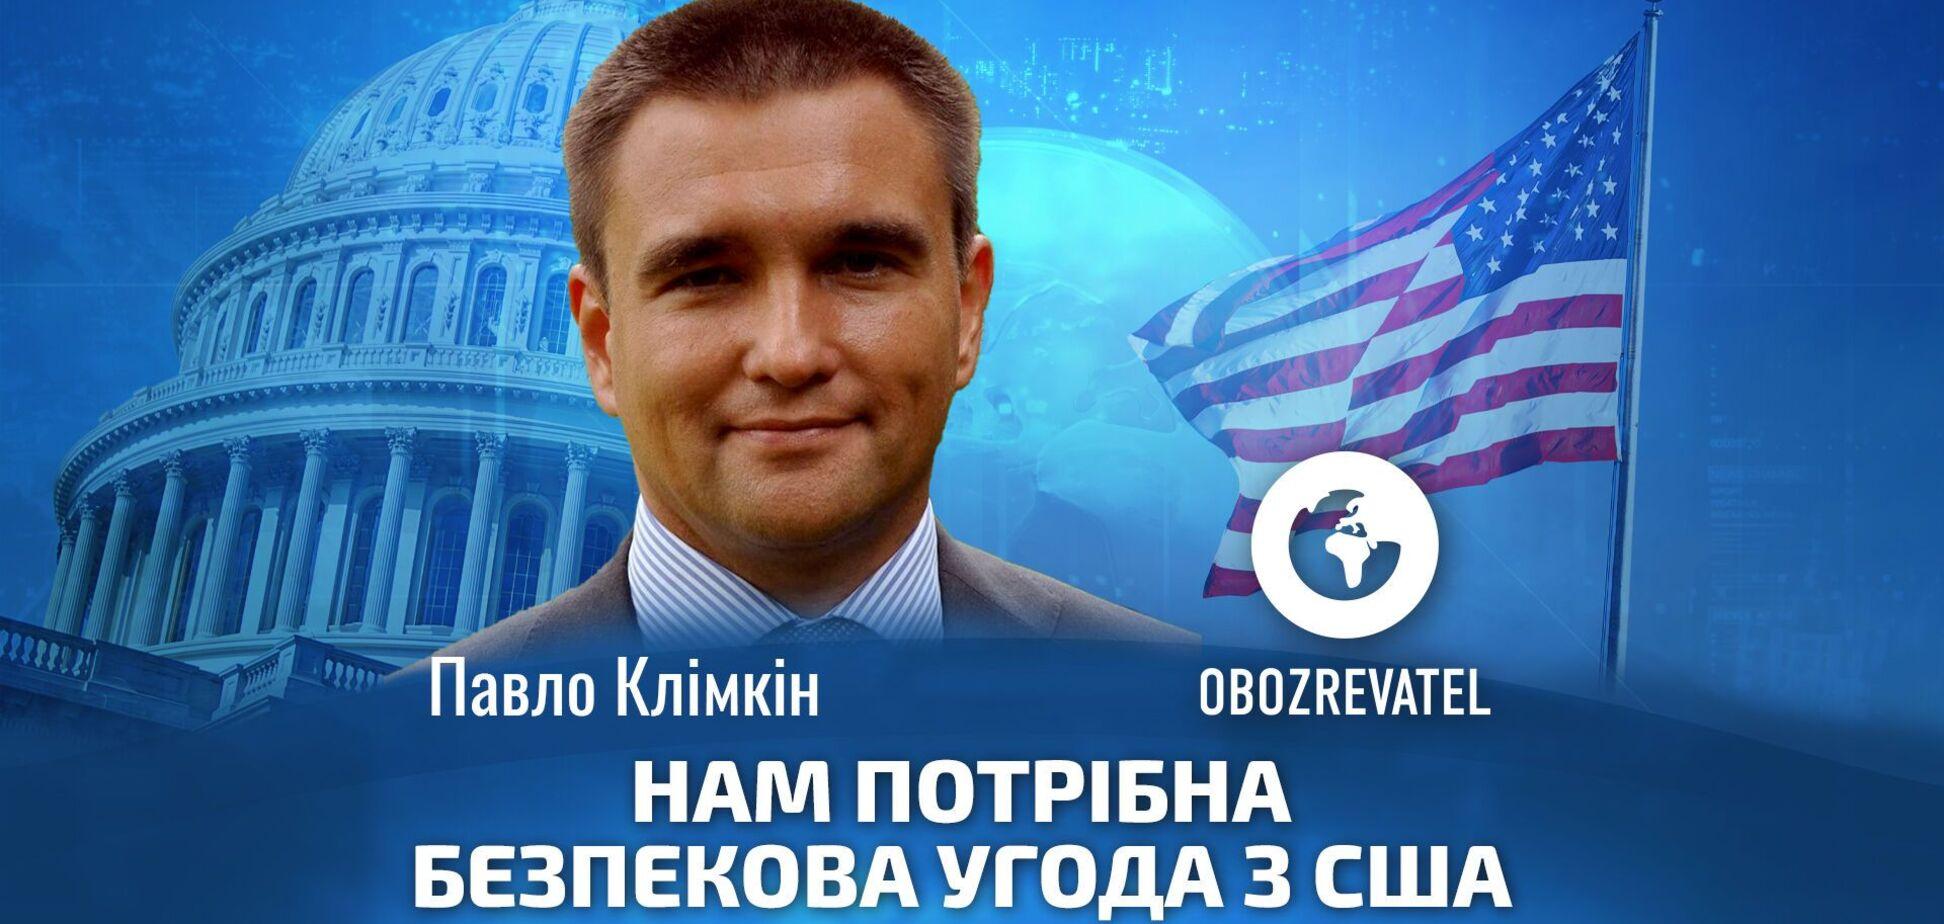 Нам потрібна угода із США для розміщення військ, – Клімкін